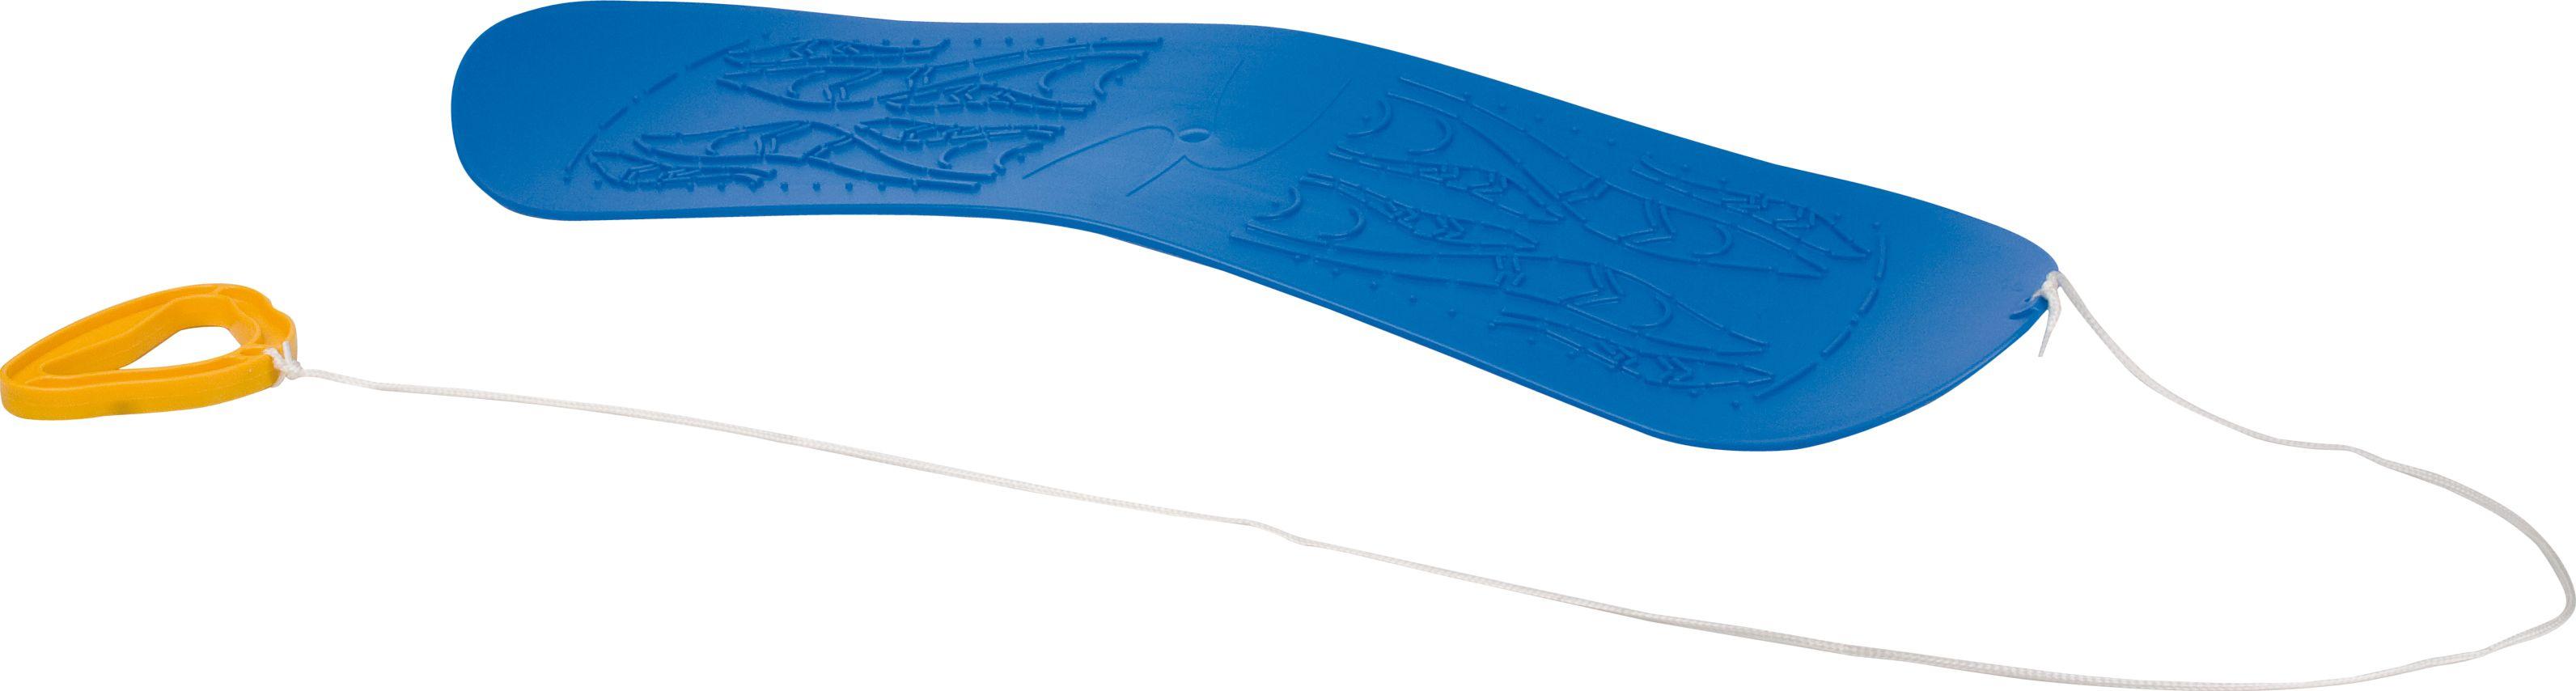 Slede • Slideboard •